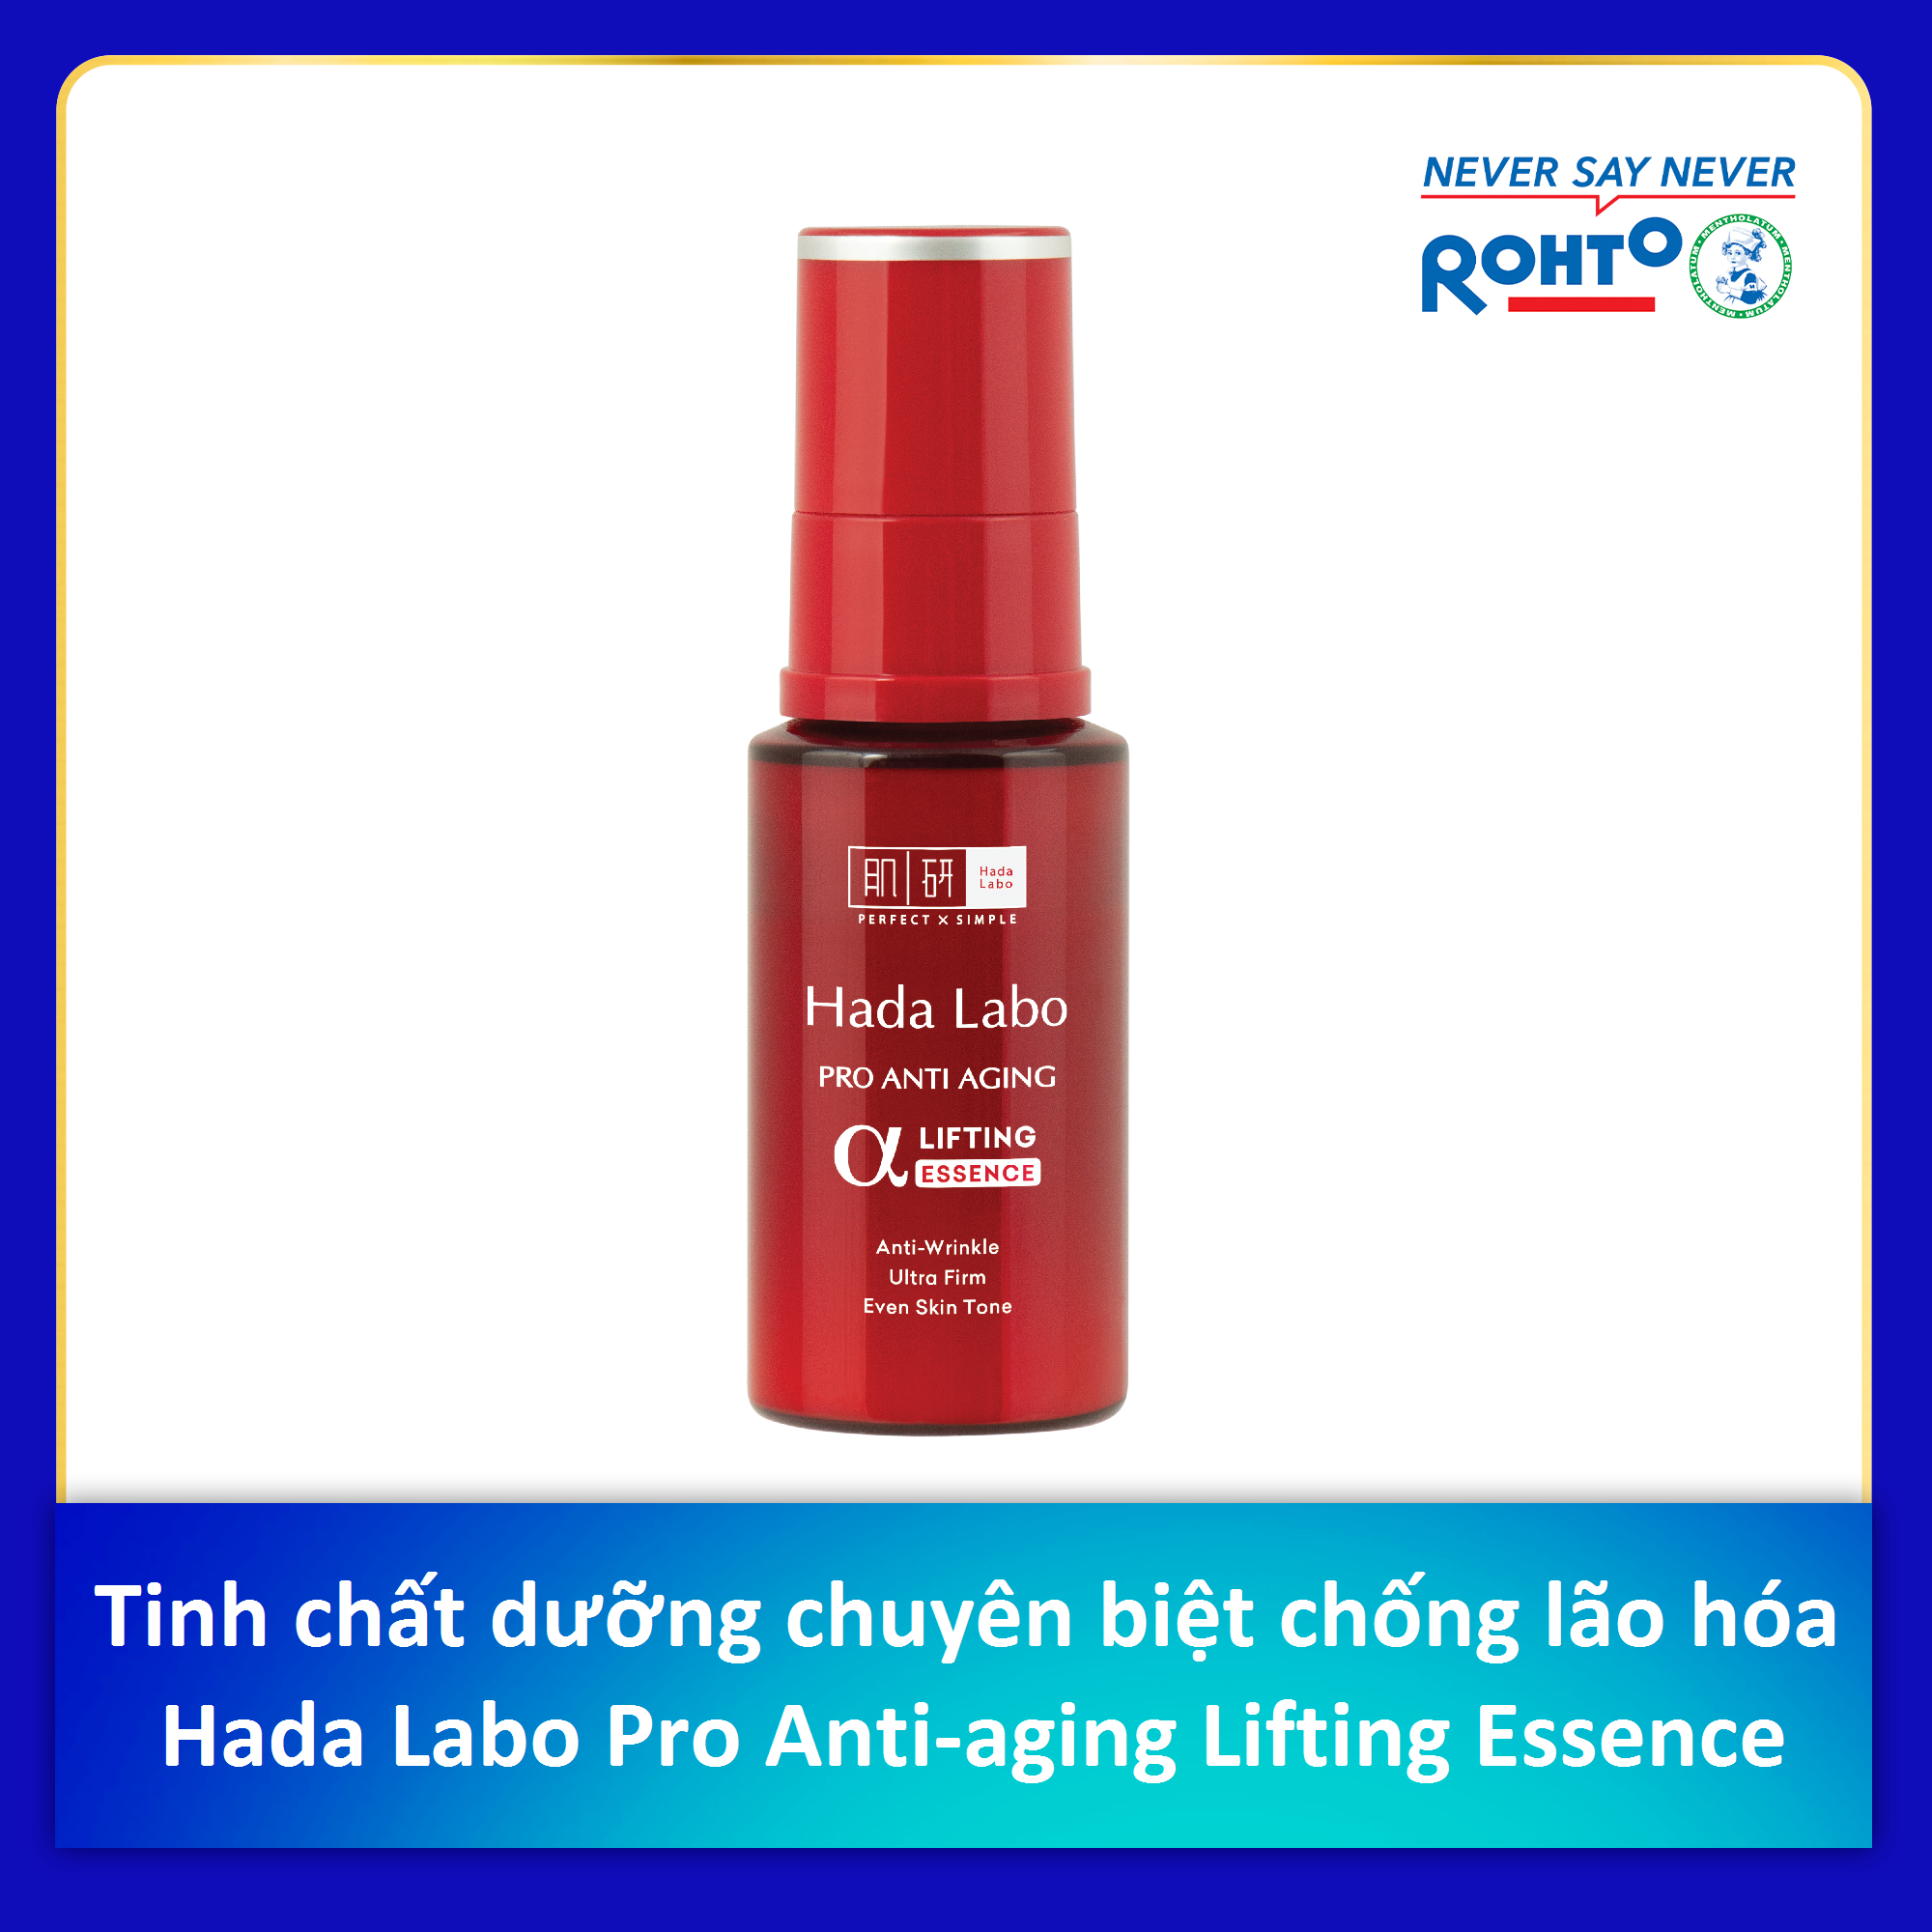 Tinh chất dưỡng chuyên biệt chống lão hóa Hada Labo Pro Anti Aging α Lifting Essence (30g)